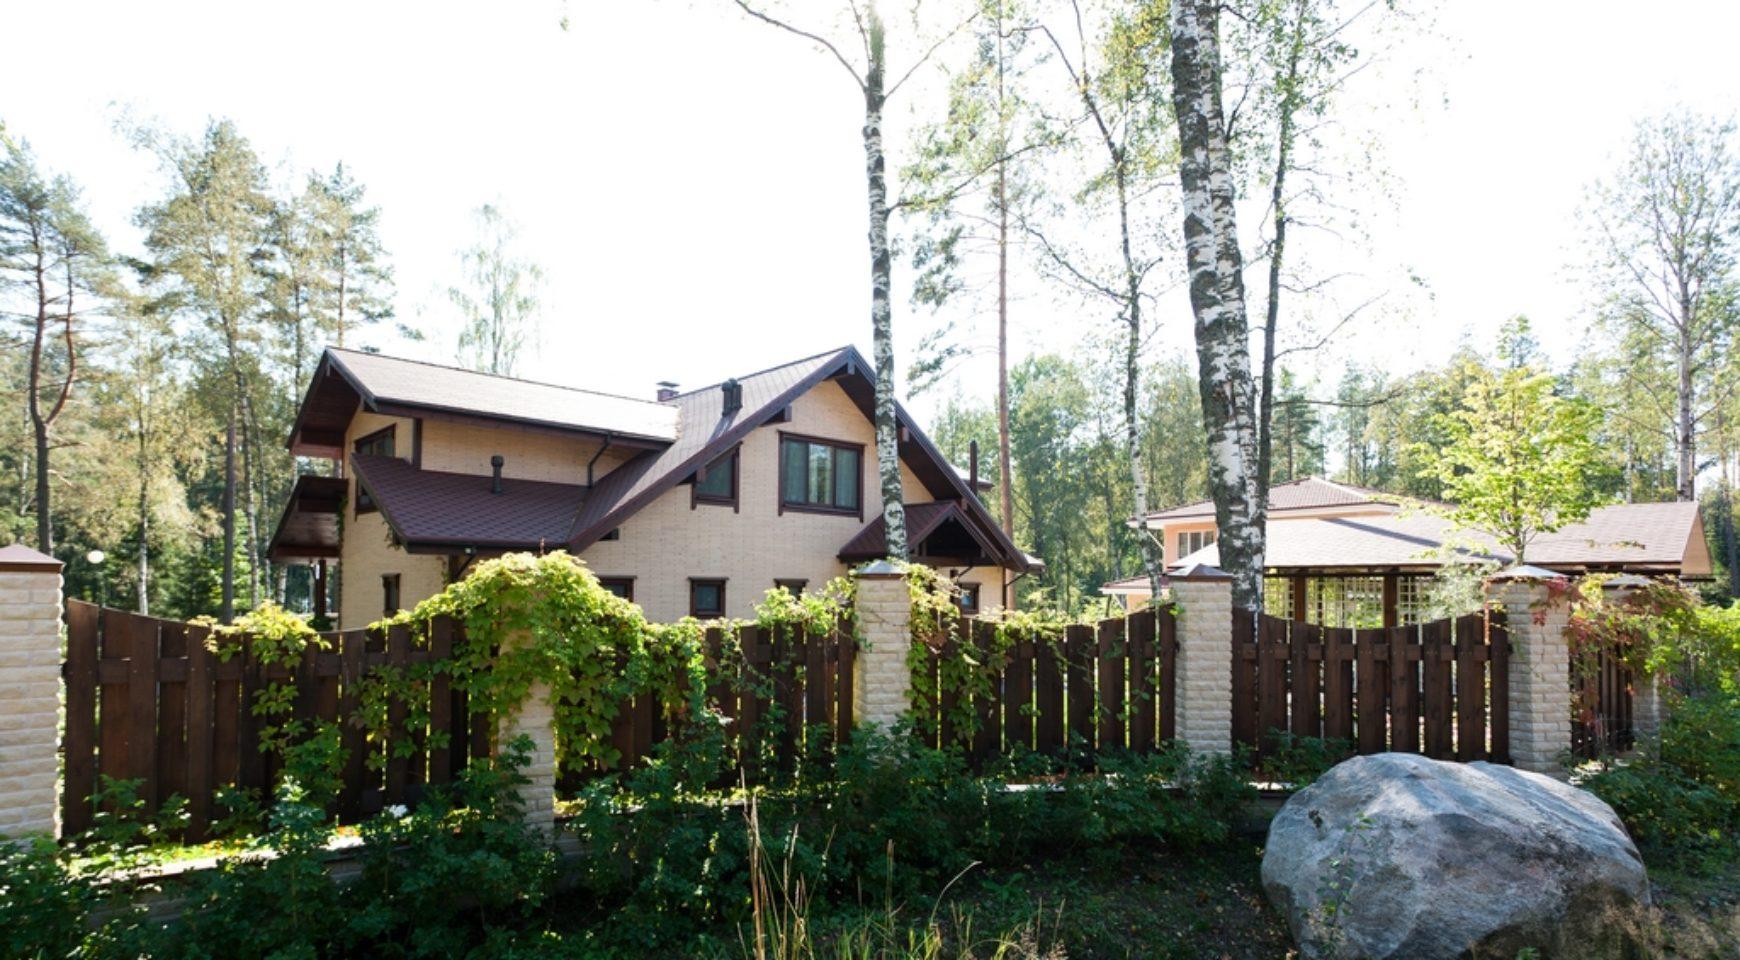 Коттеджи, загородные дома и дачи в ленинградской области и санкт-петербурге.